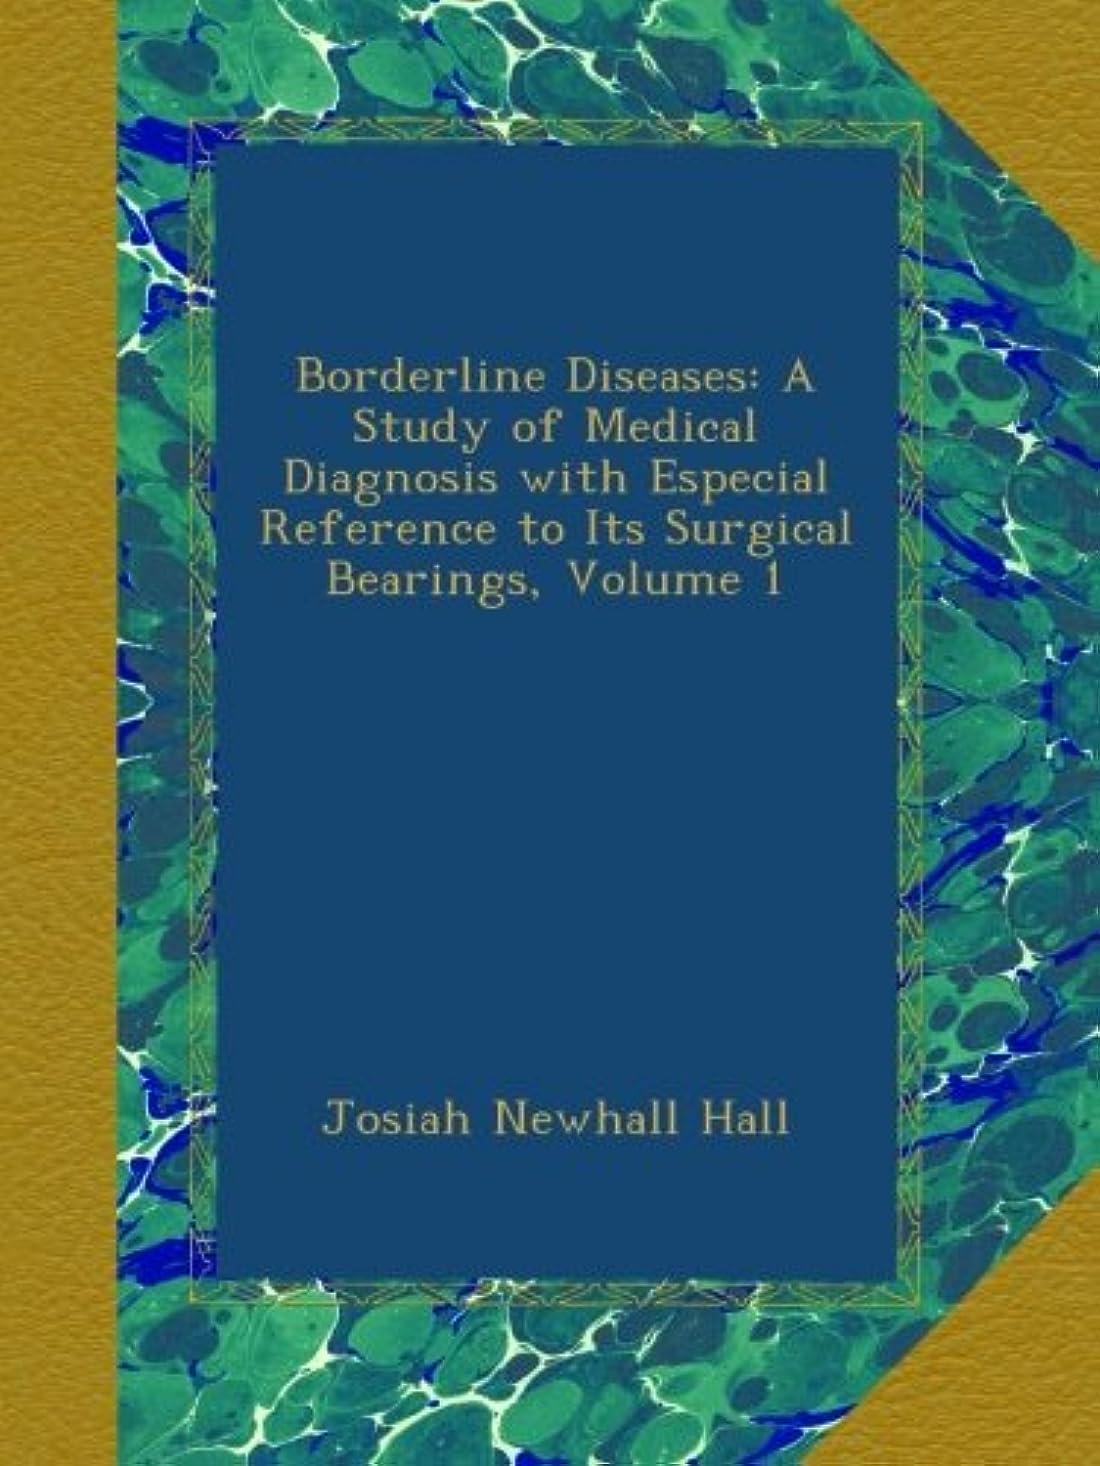 話ロケーション誇りに思うBorderline Diseases: A Study of Medical Diagnosis with Especial Reference to Its Surgical Bearings, Volume 1